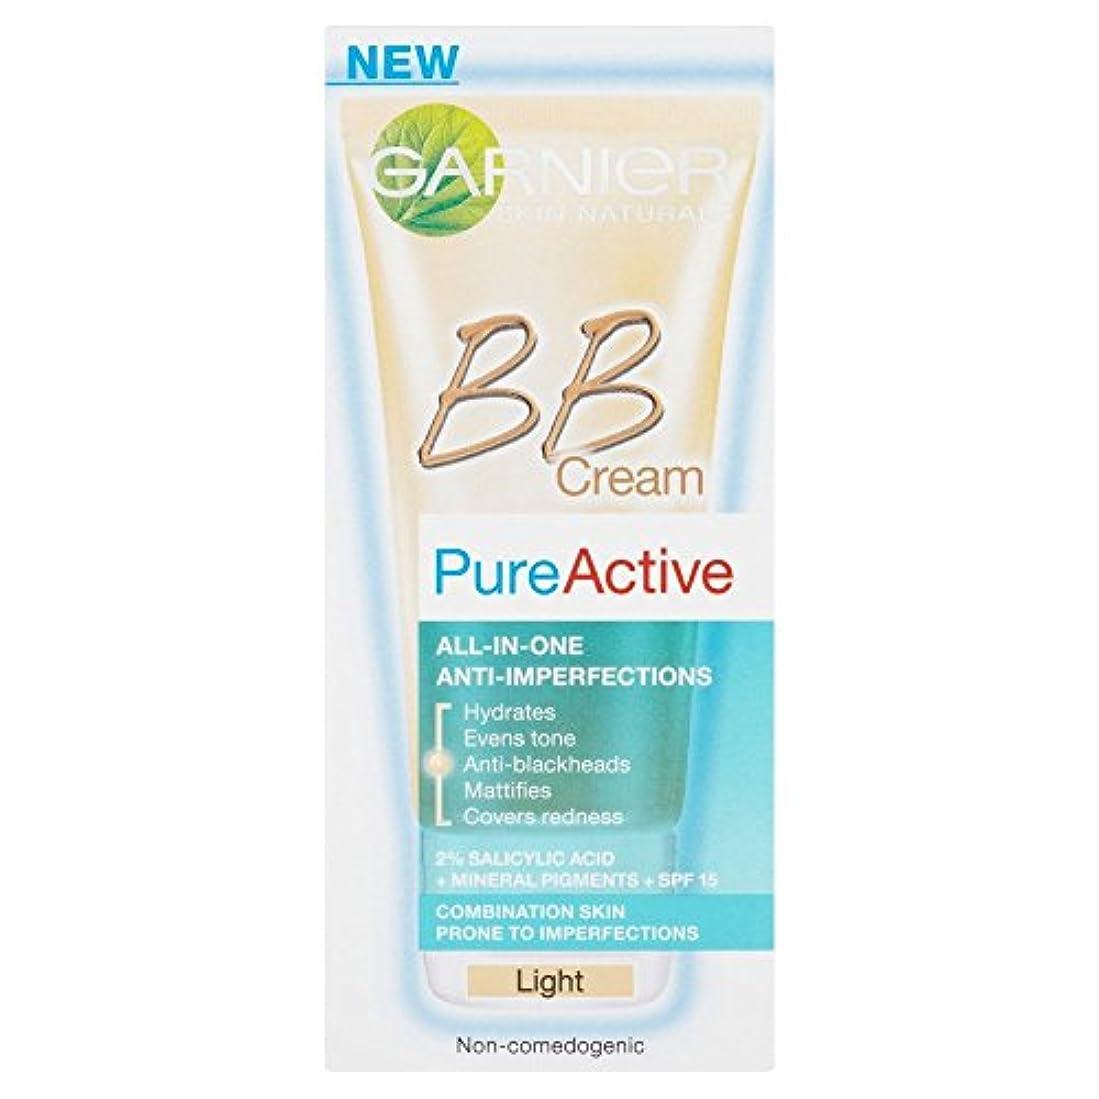 メッセージ姪登録Garnier Pure Active BB Cream - Light (50ml) ガルニエ純粋な活性bbクリーム - 光( 50ミリリットル) [並行輸入品]